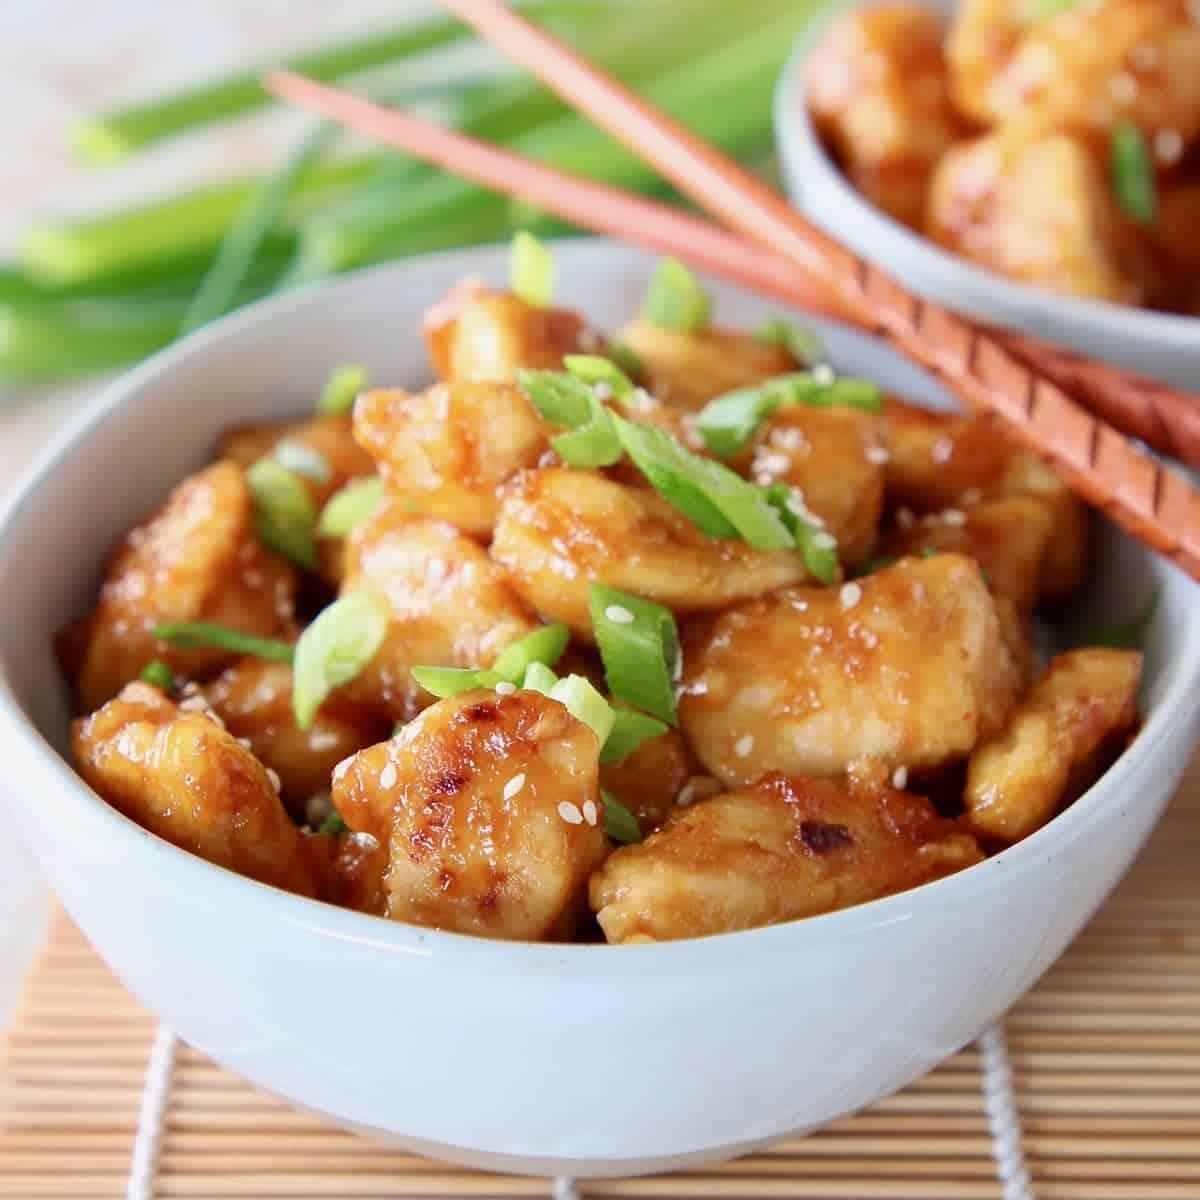 Free Recipes For Chicken: Gluten Free Orange Chicken Recipe